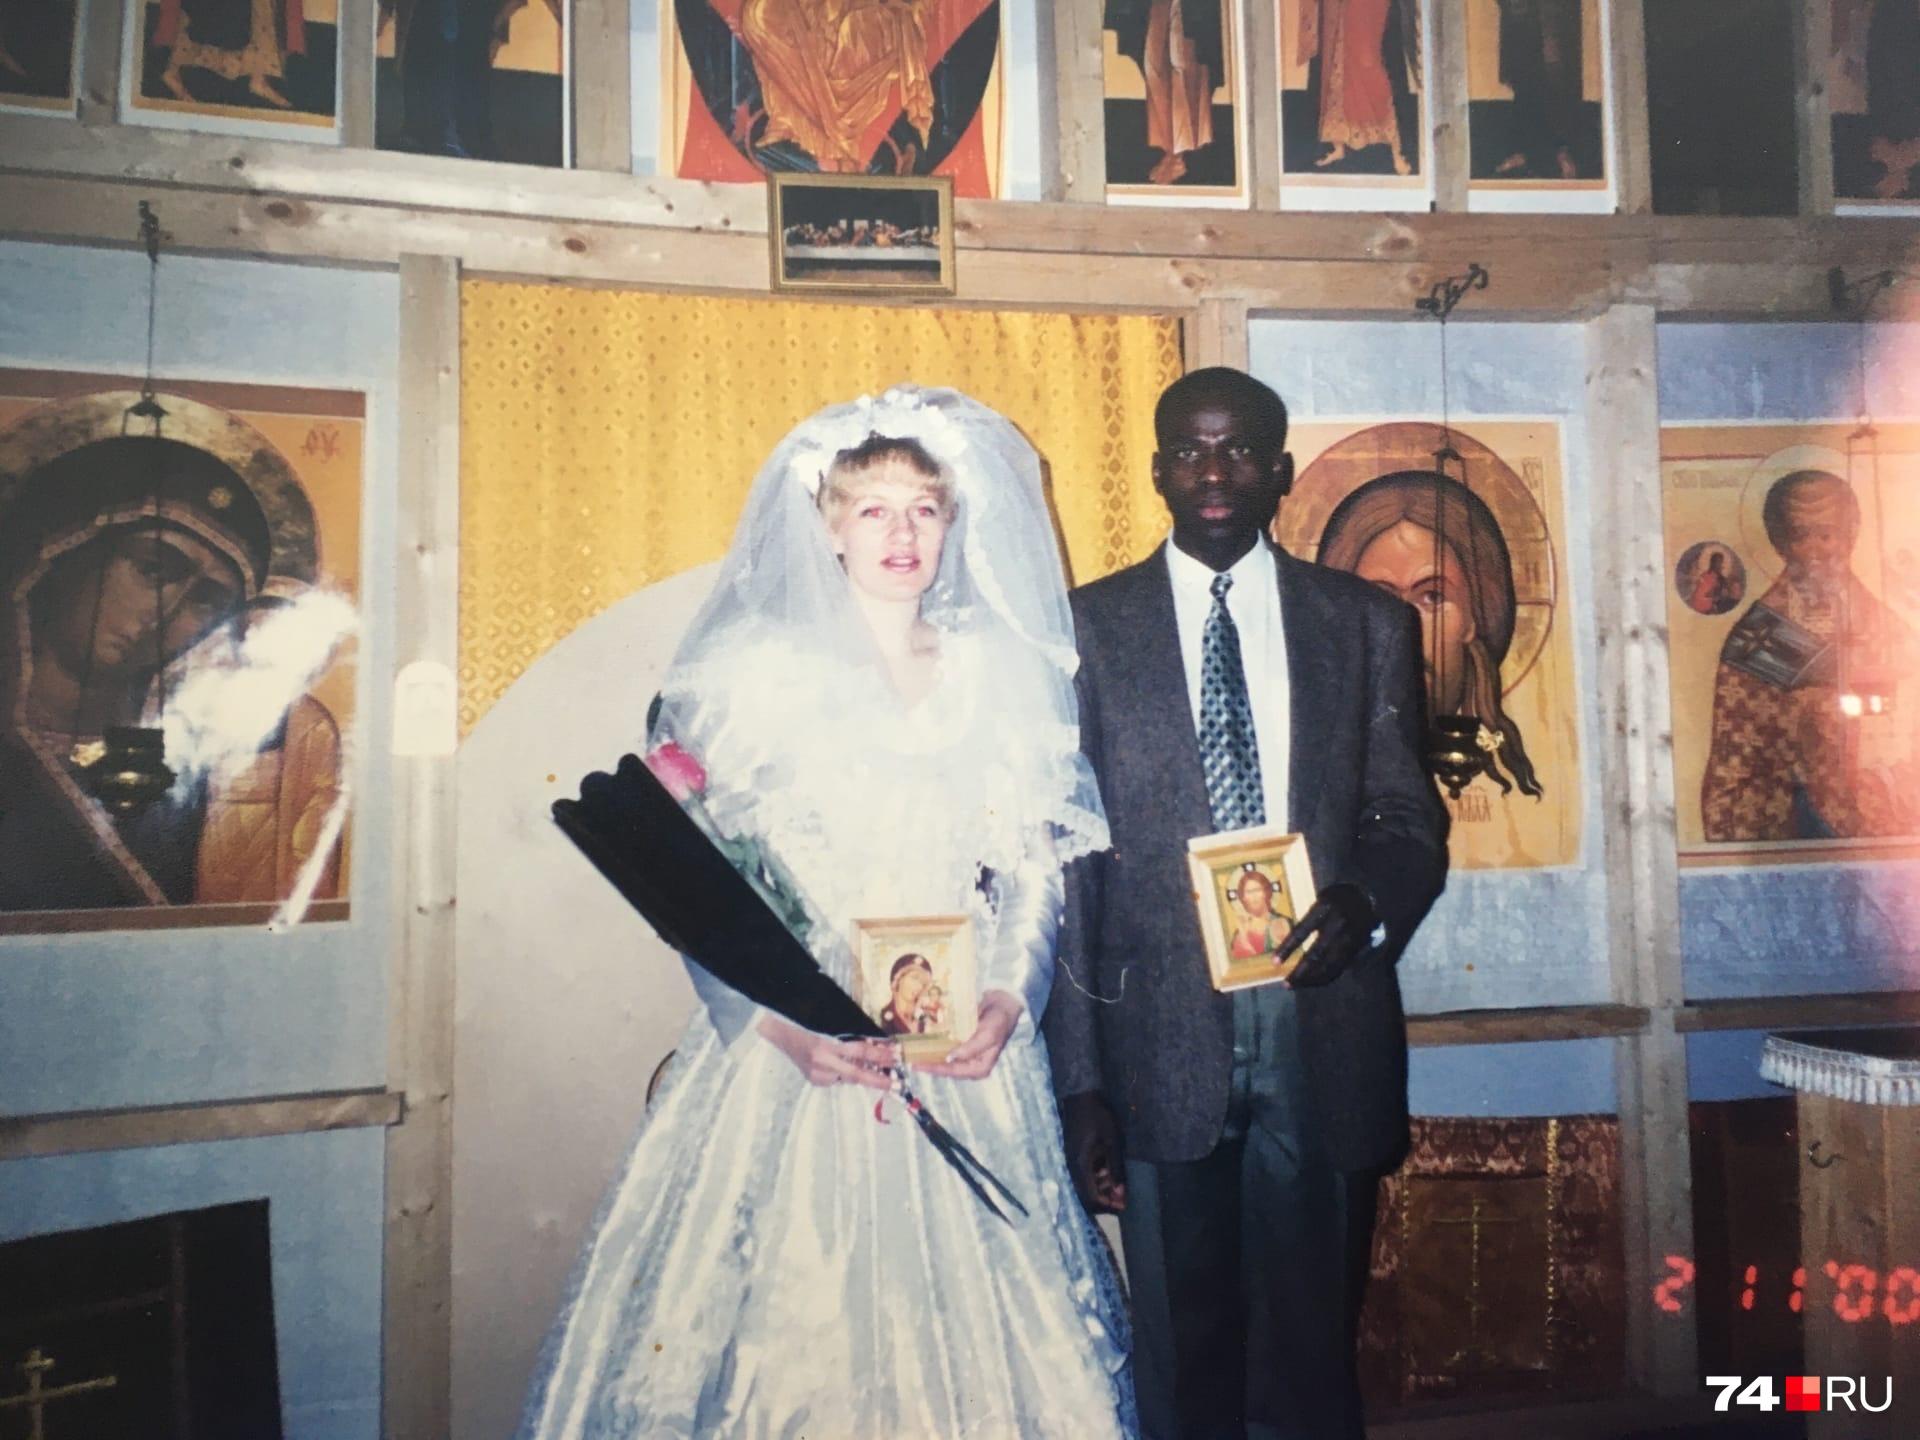 Чтобы перед Богом стать мужем Евгении, Епифан принял ее веру